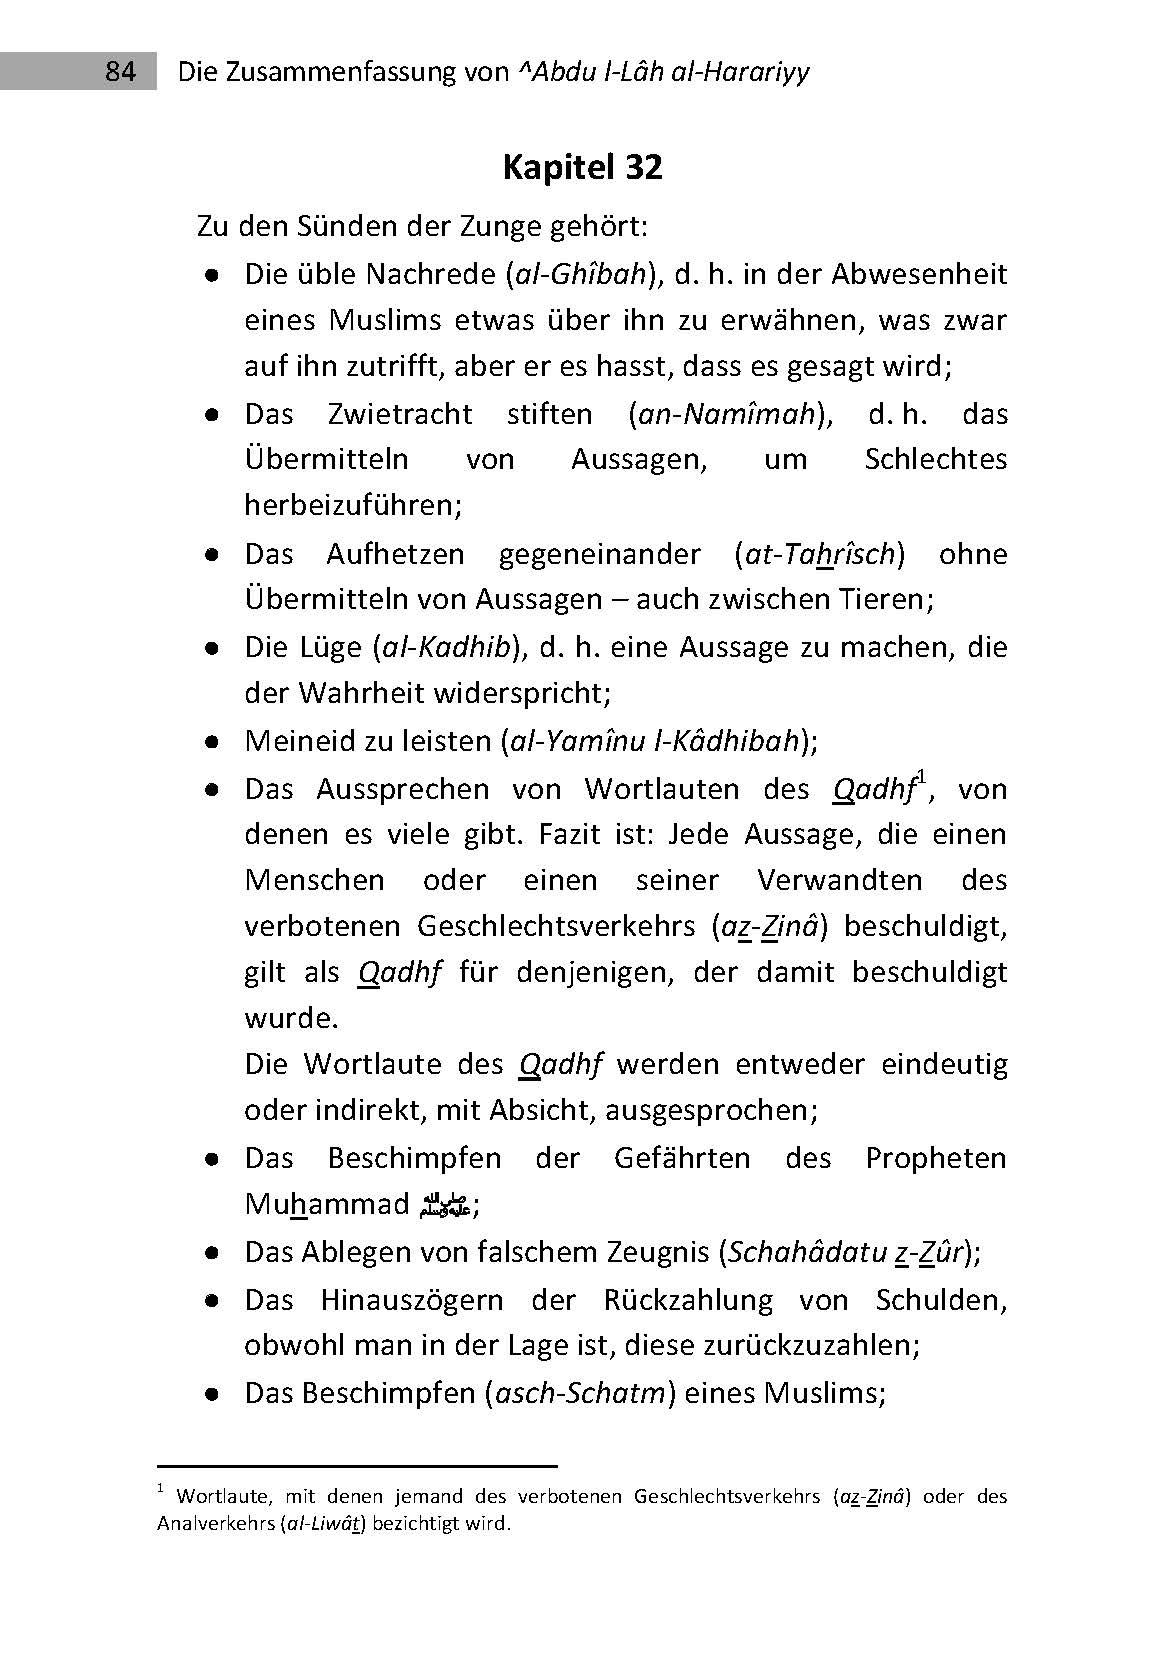 Die Zusammenfassung - 3. Auflage 2014_Seite_84